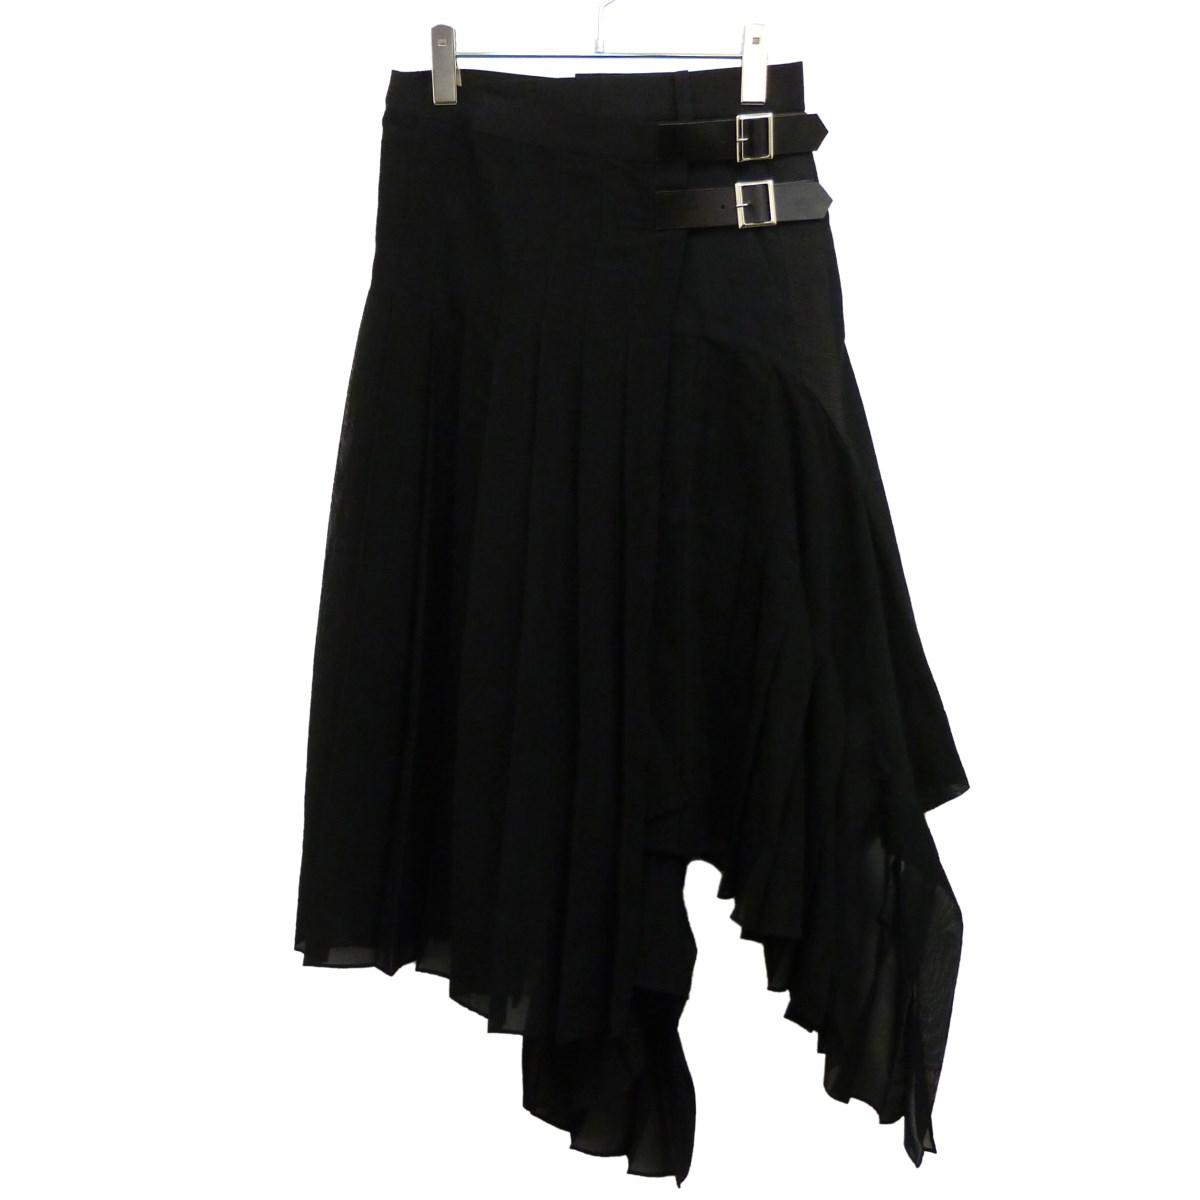 【中古】sacai プリーツ切替巻きスカート ブラック サイズ:1 【290220】(サカイ)